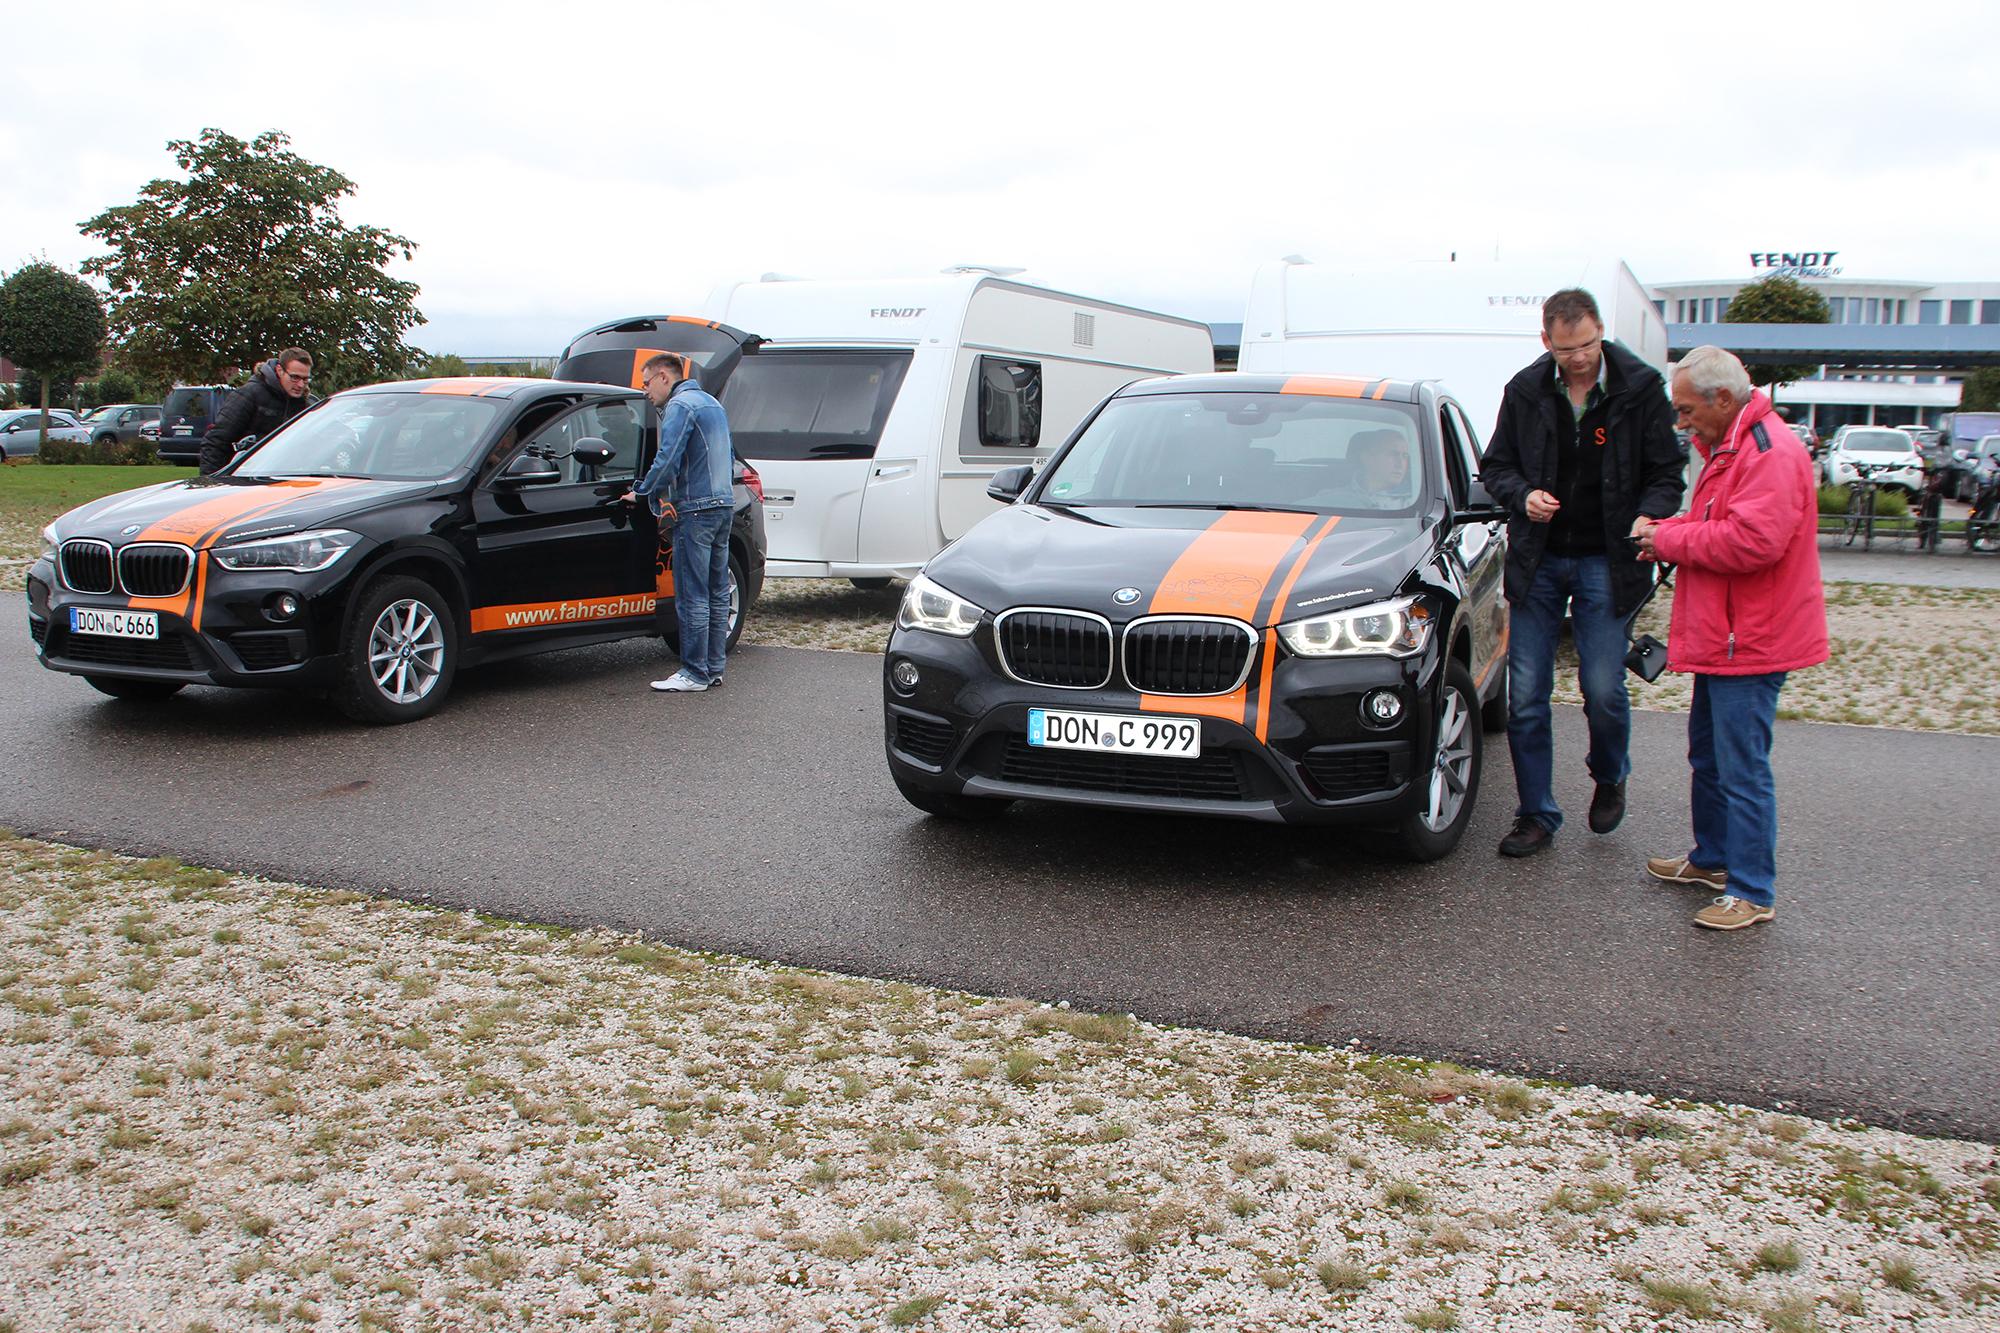 B96 bei Fendt-Caravan